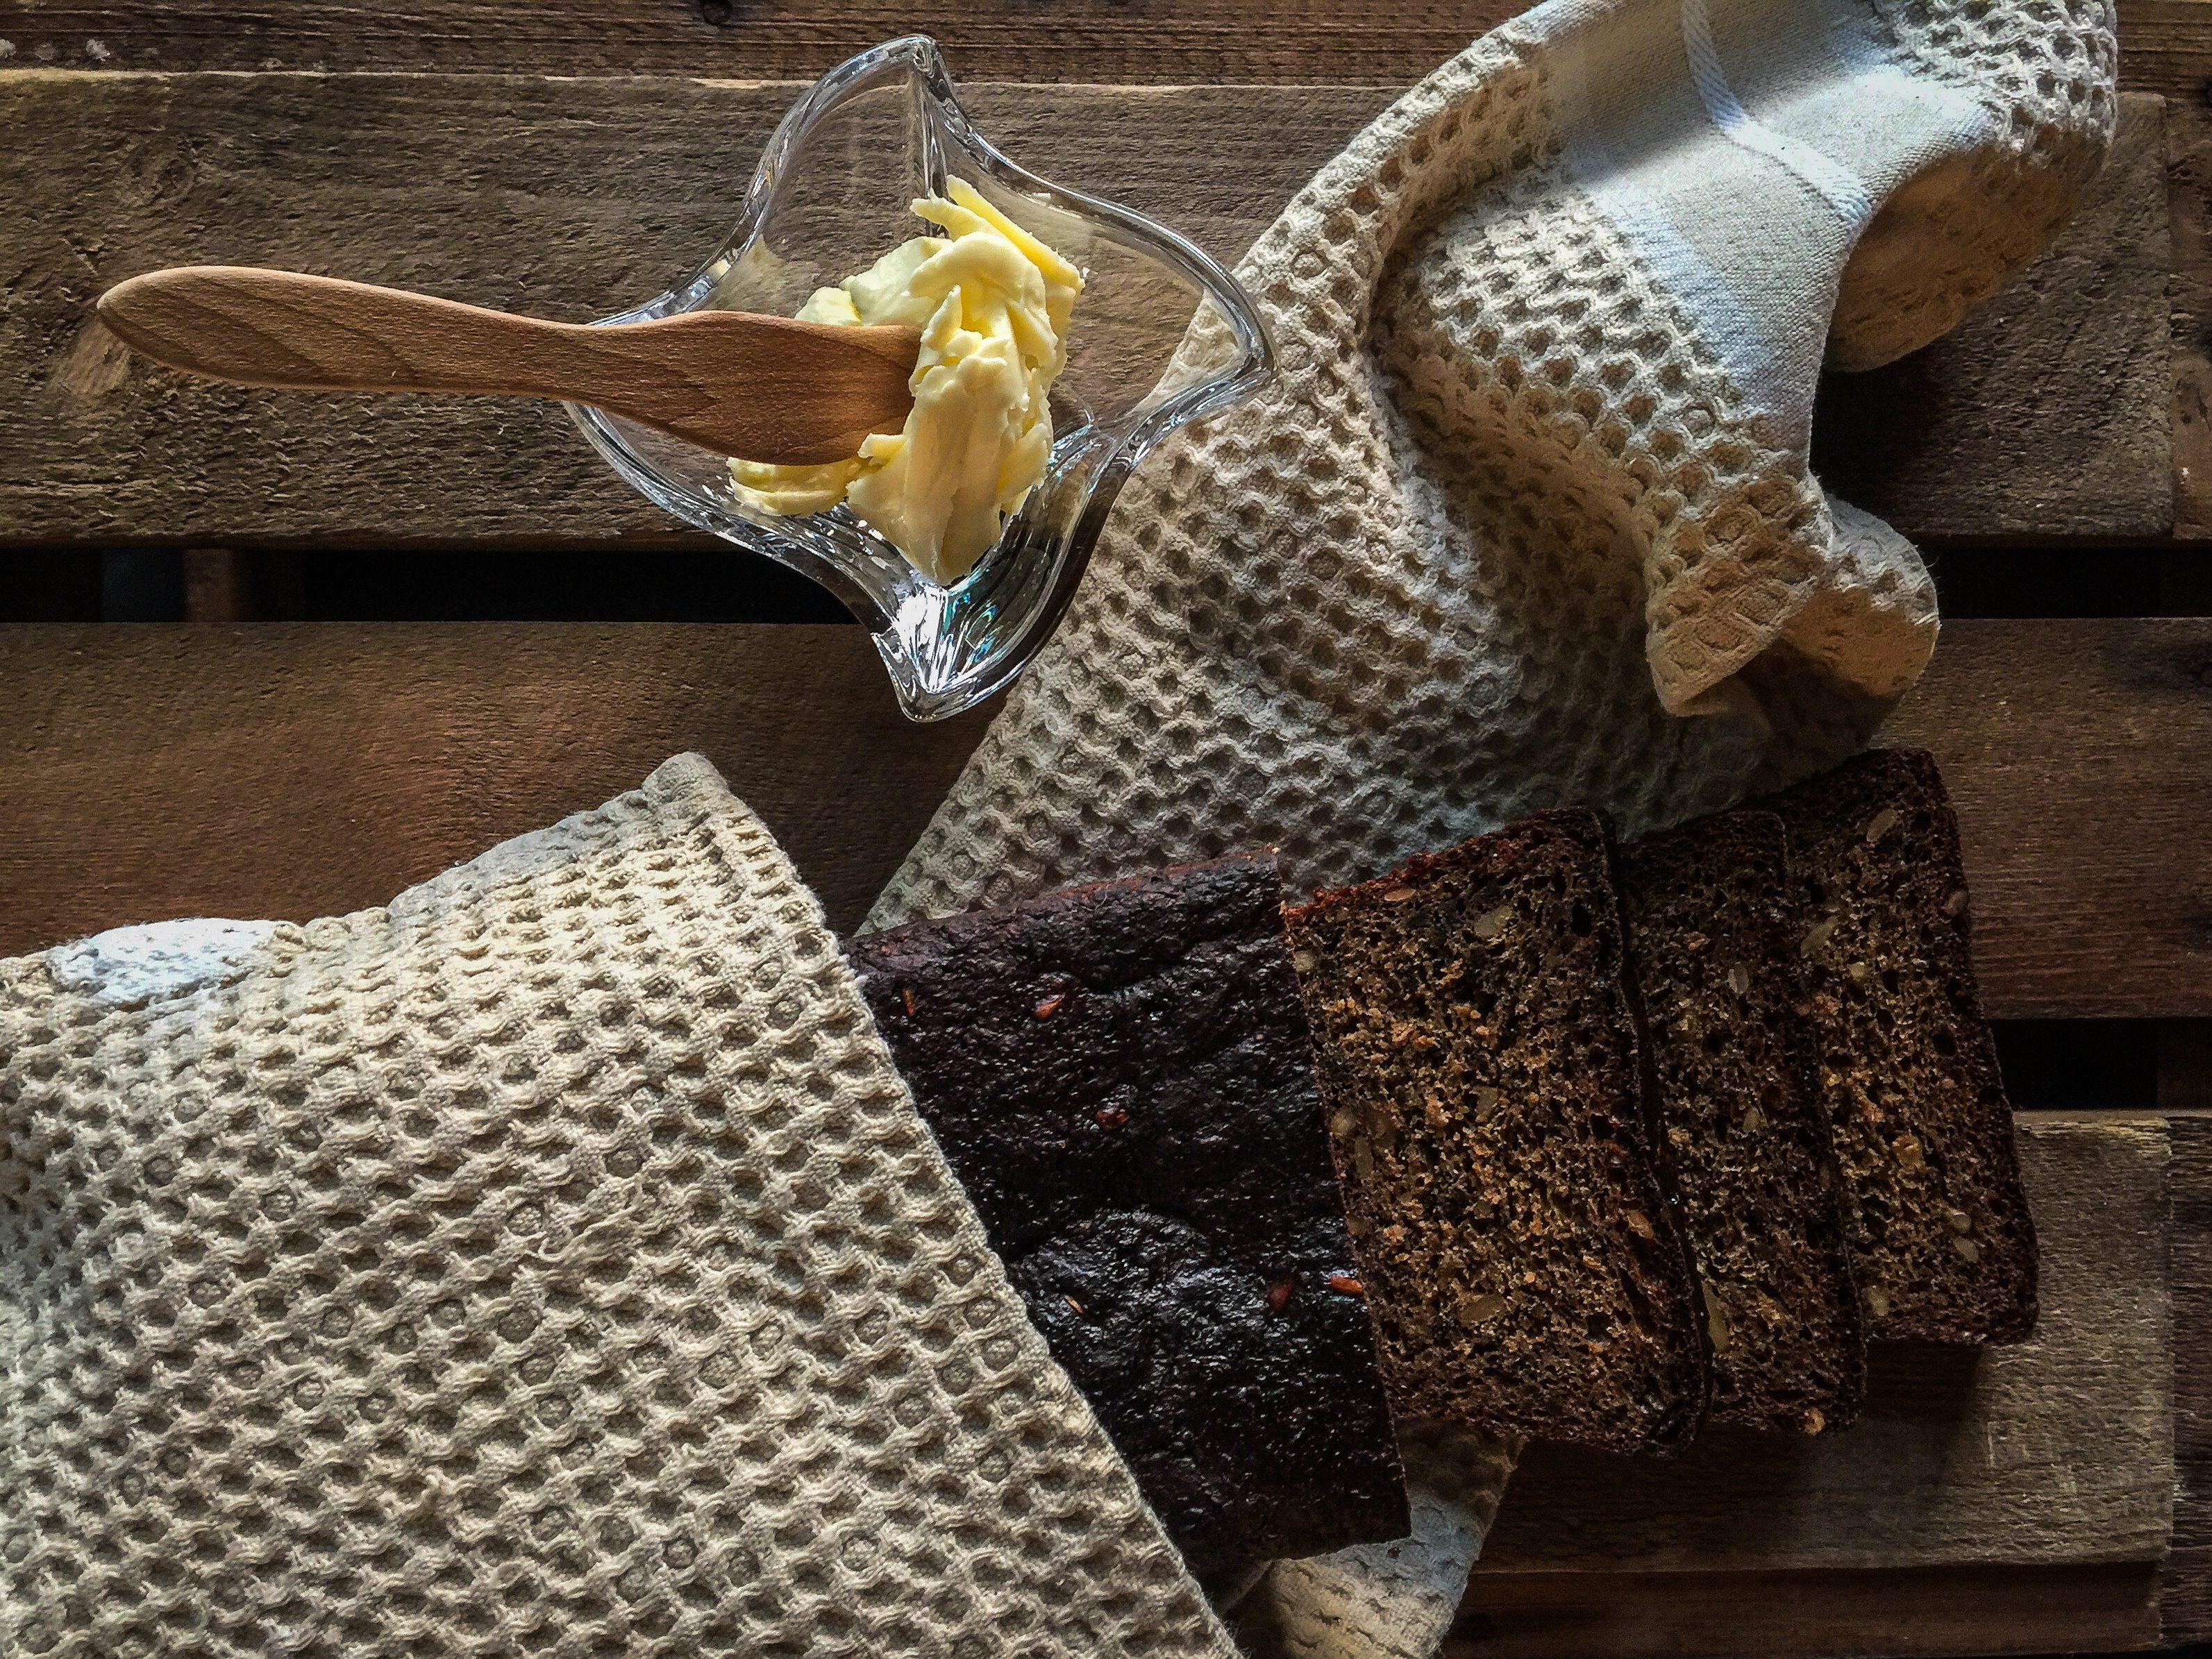 Perinteinen ja helposti valmistettava saaristolaisleipä